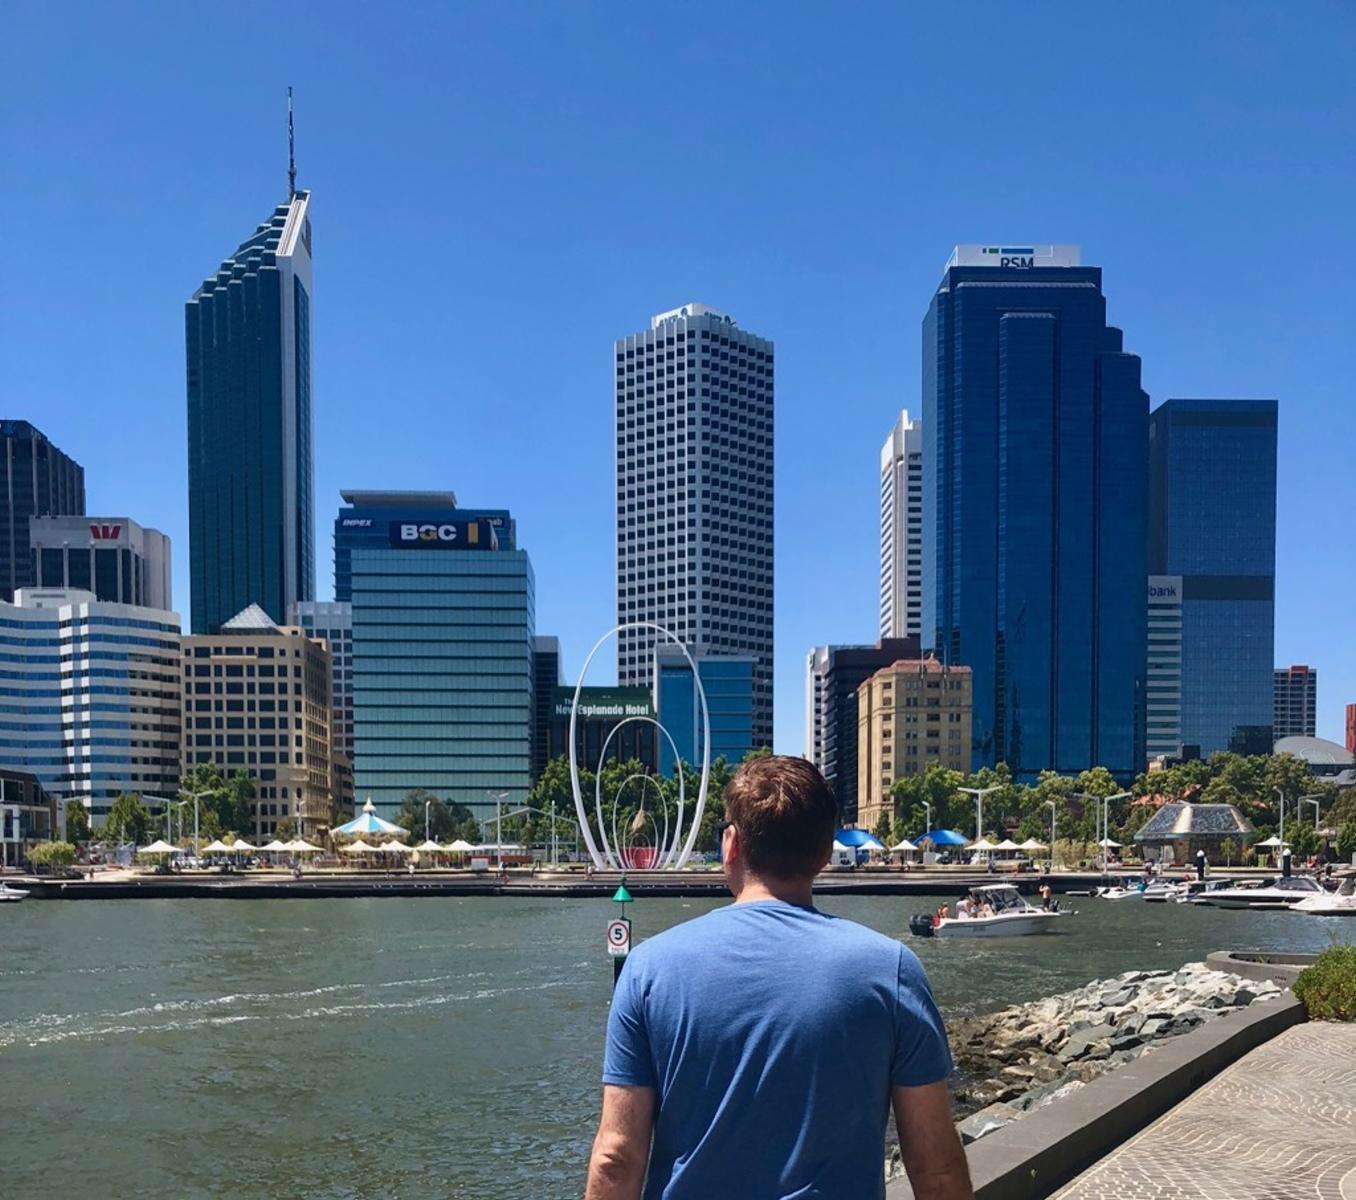 Beautifu day in Perth ���� https://t.co/CwqAfItEie